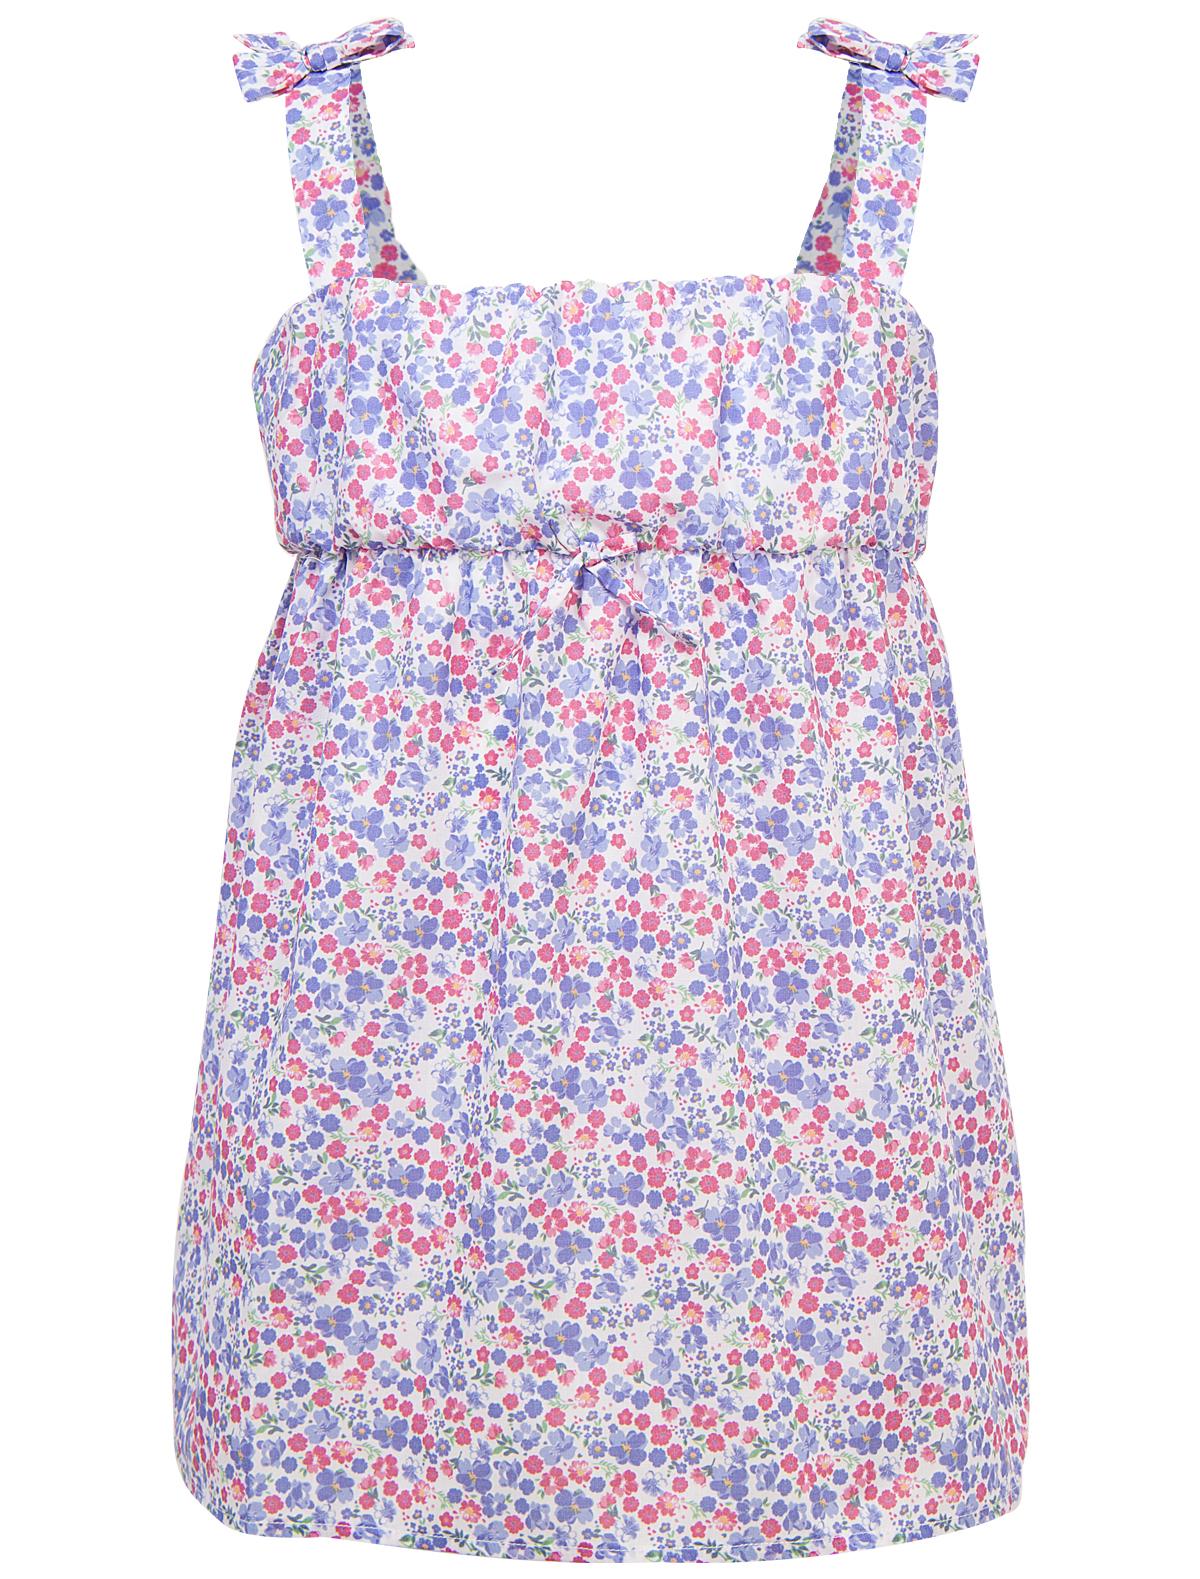 Купить 1869960, Платье MC2 Saint Barth, разноцветный, Женский, 1052509670962